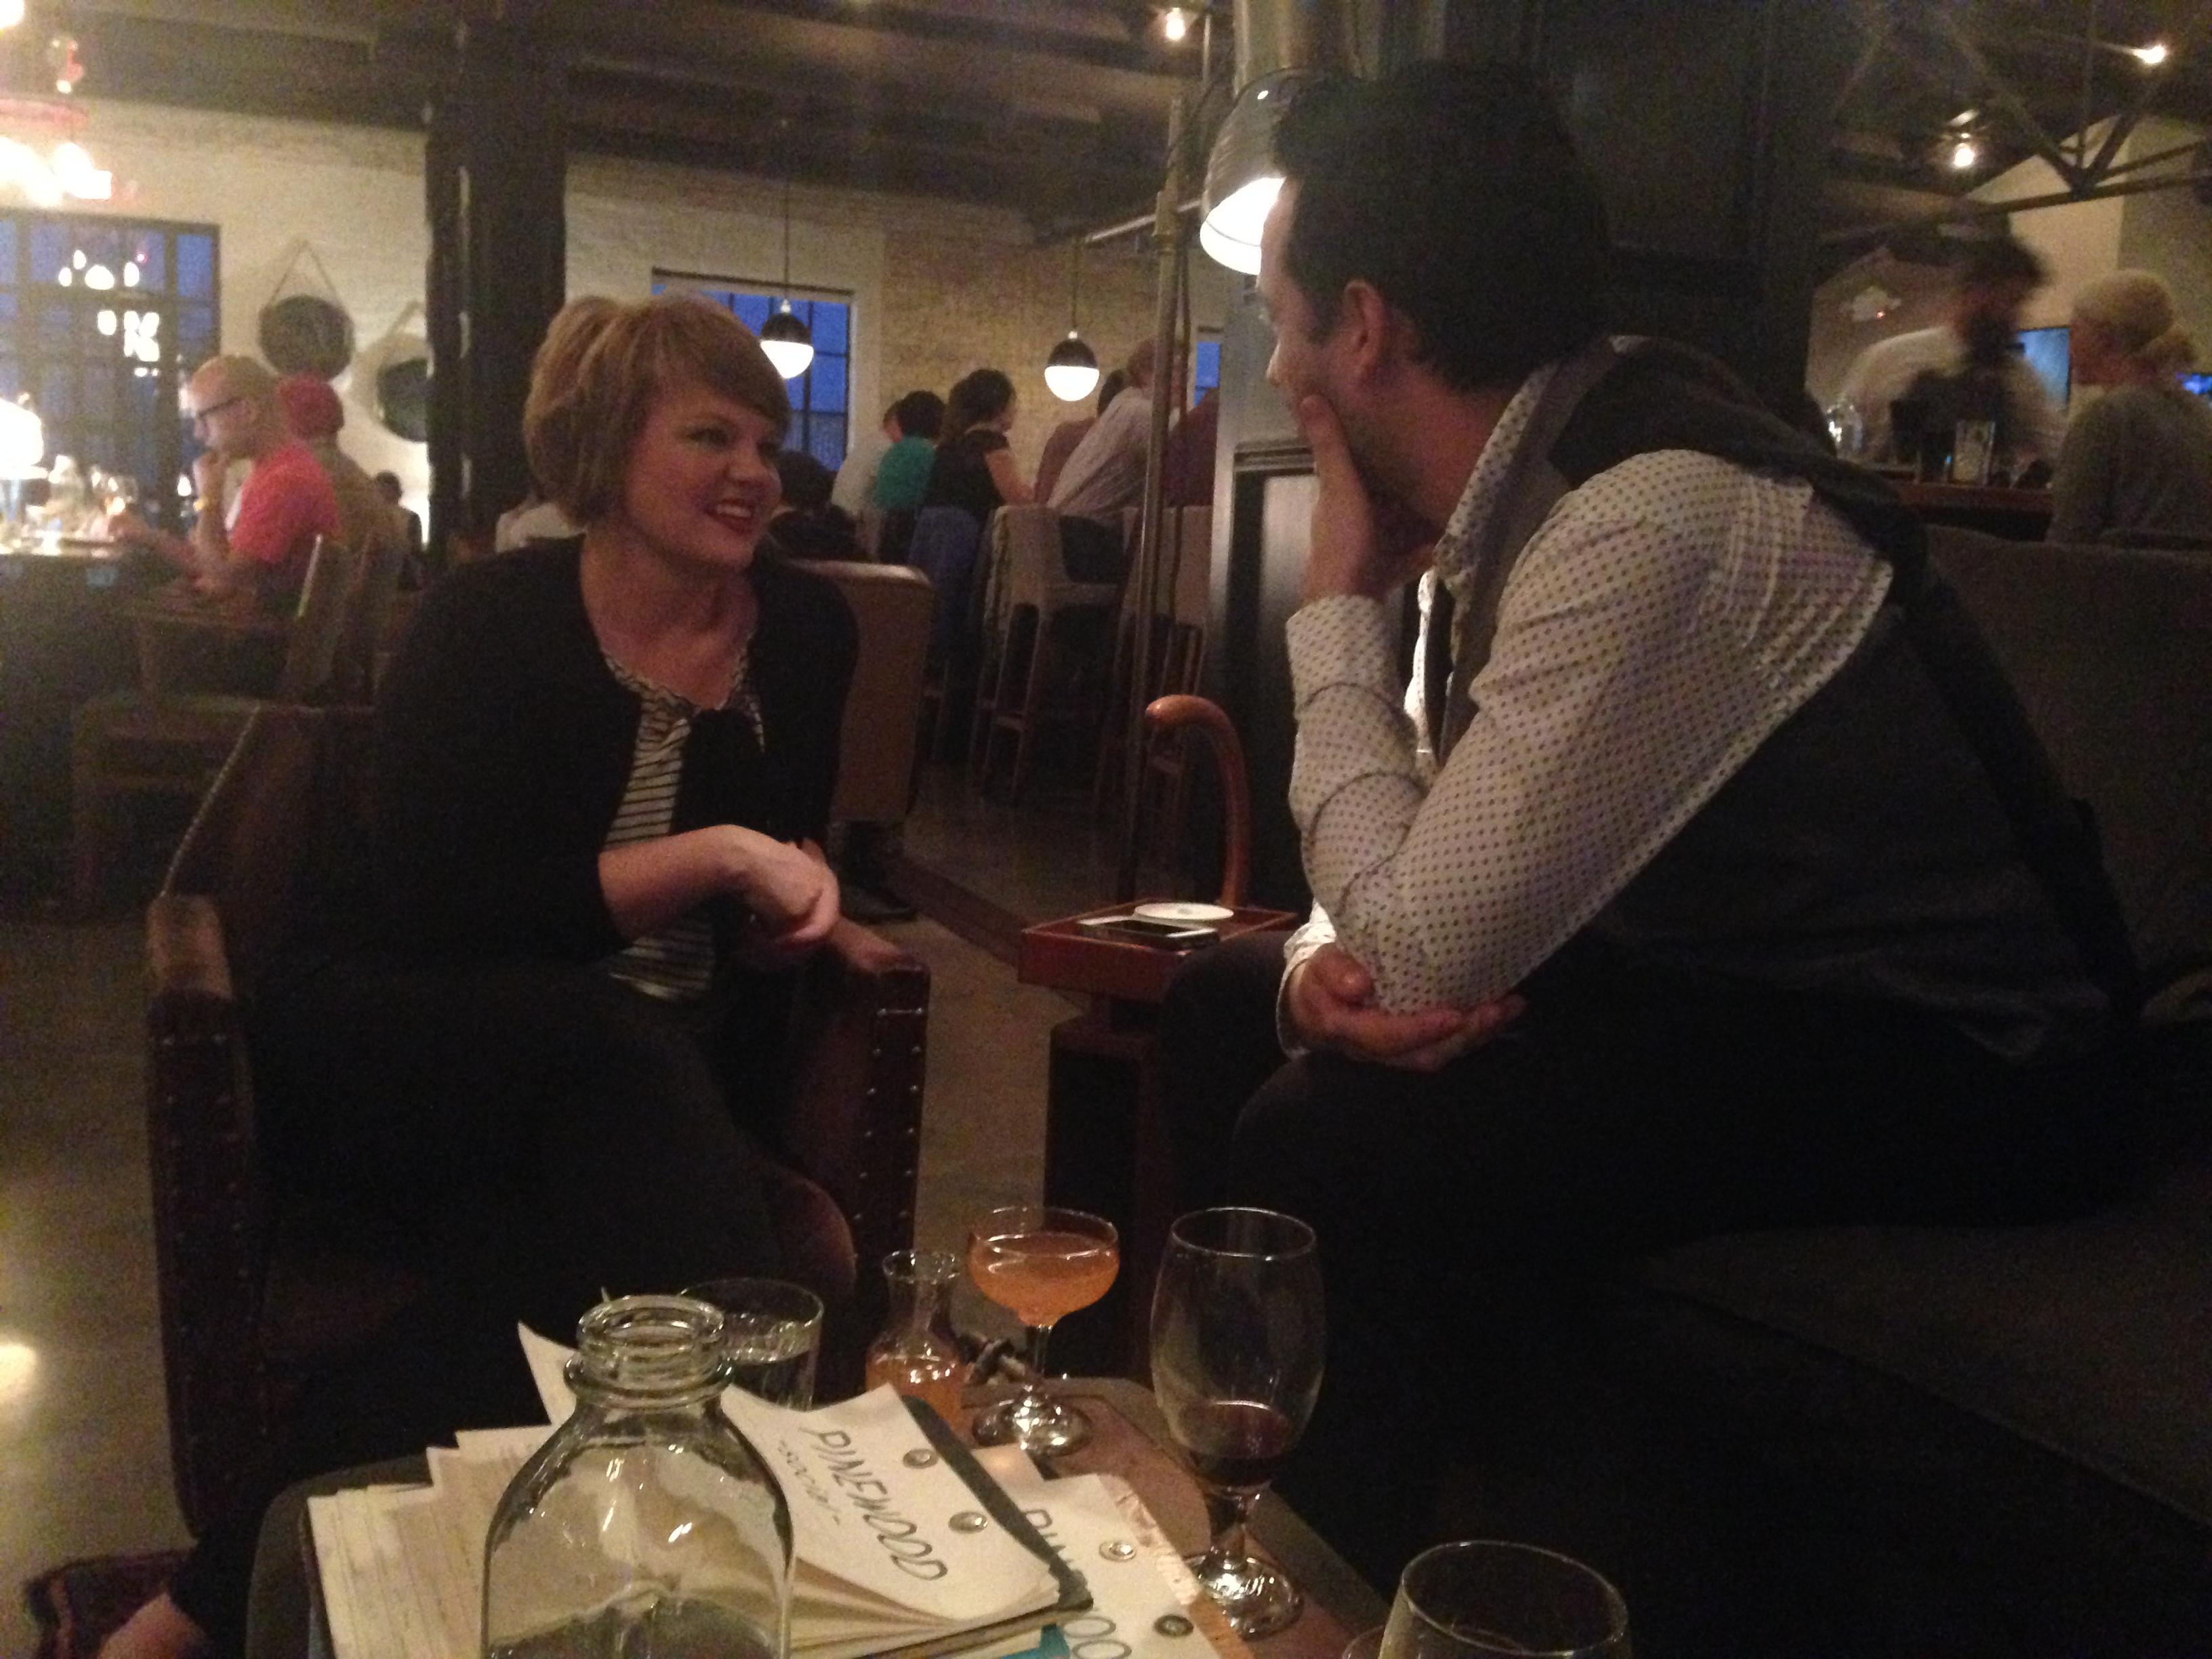 Chatting with Caleb Hawley